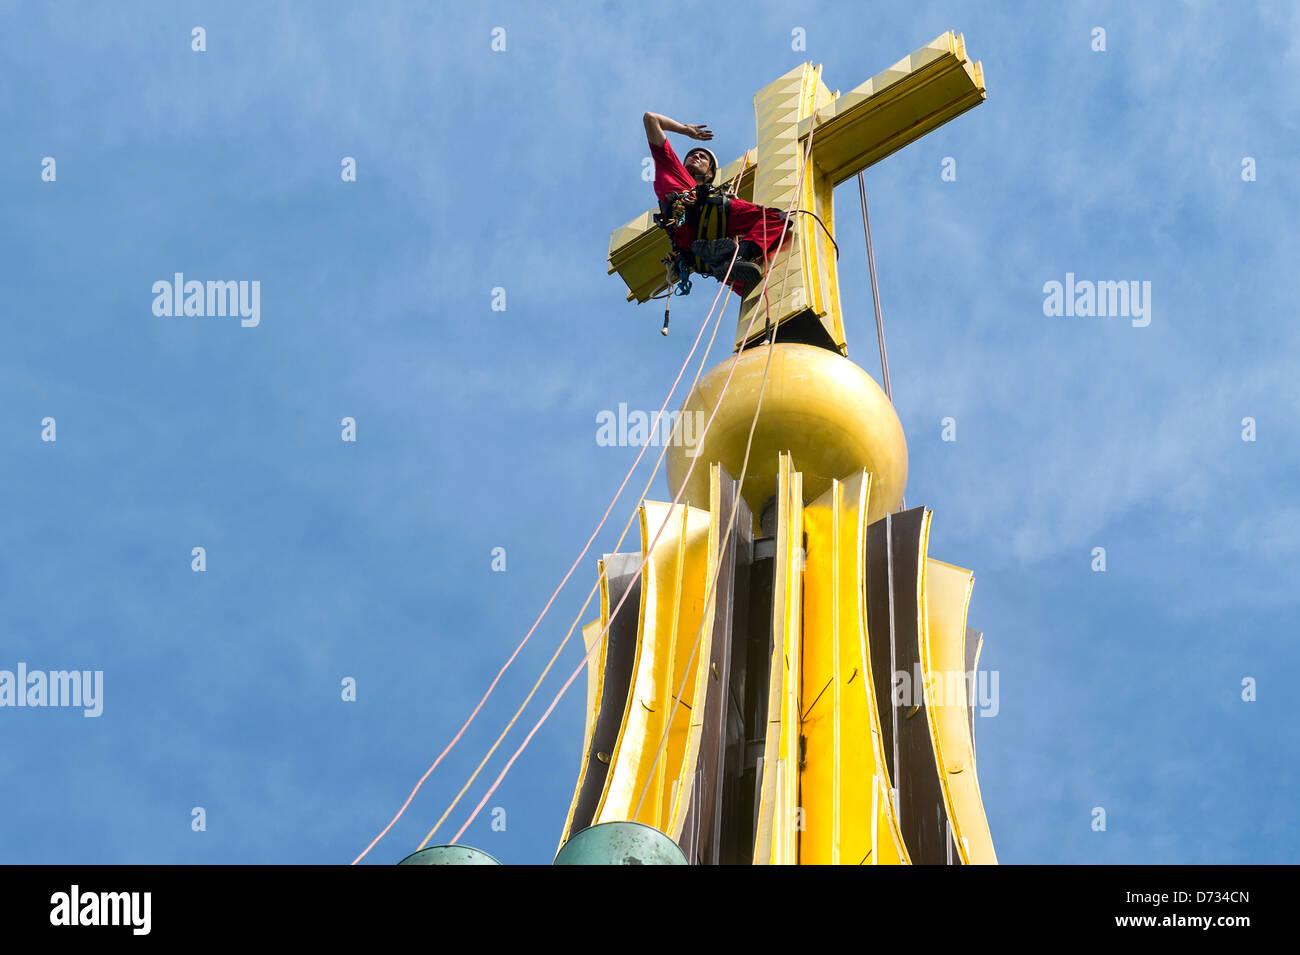 Berlino, Germania, ladro Thomas Michael croce sulla cupola della cattedrale di Berlino Immagini Stock